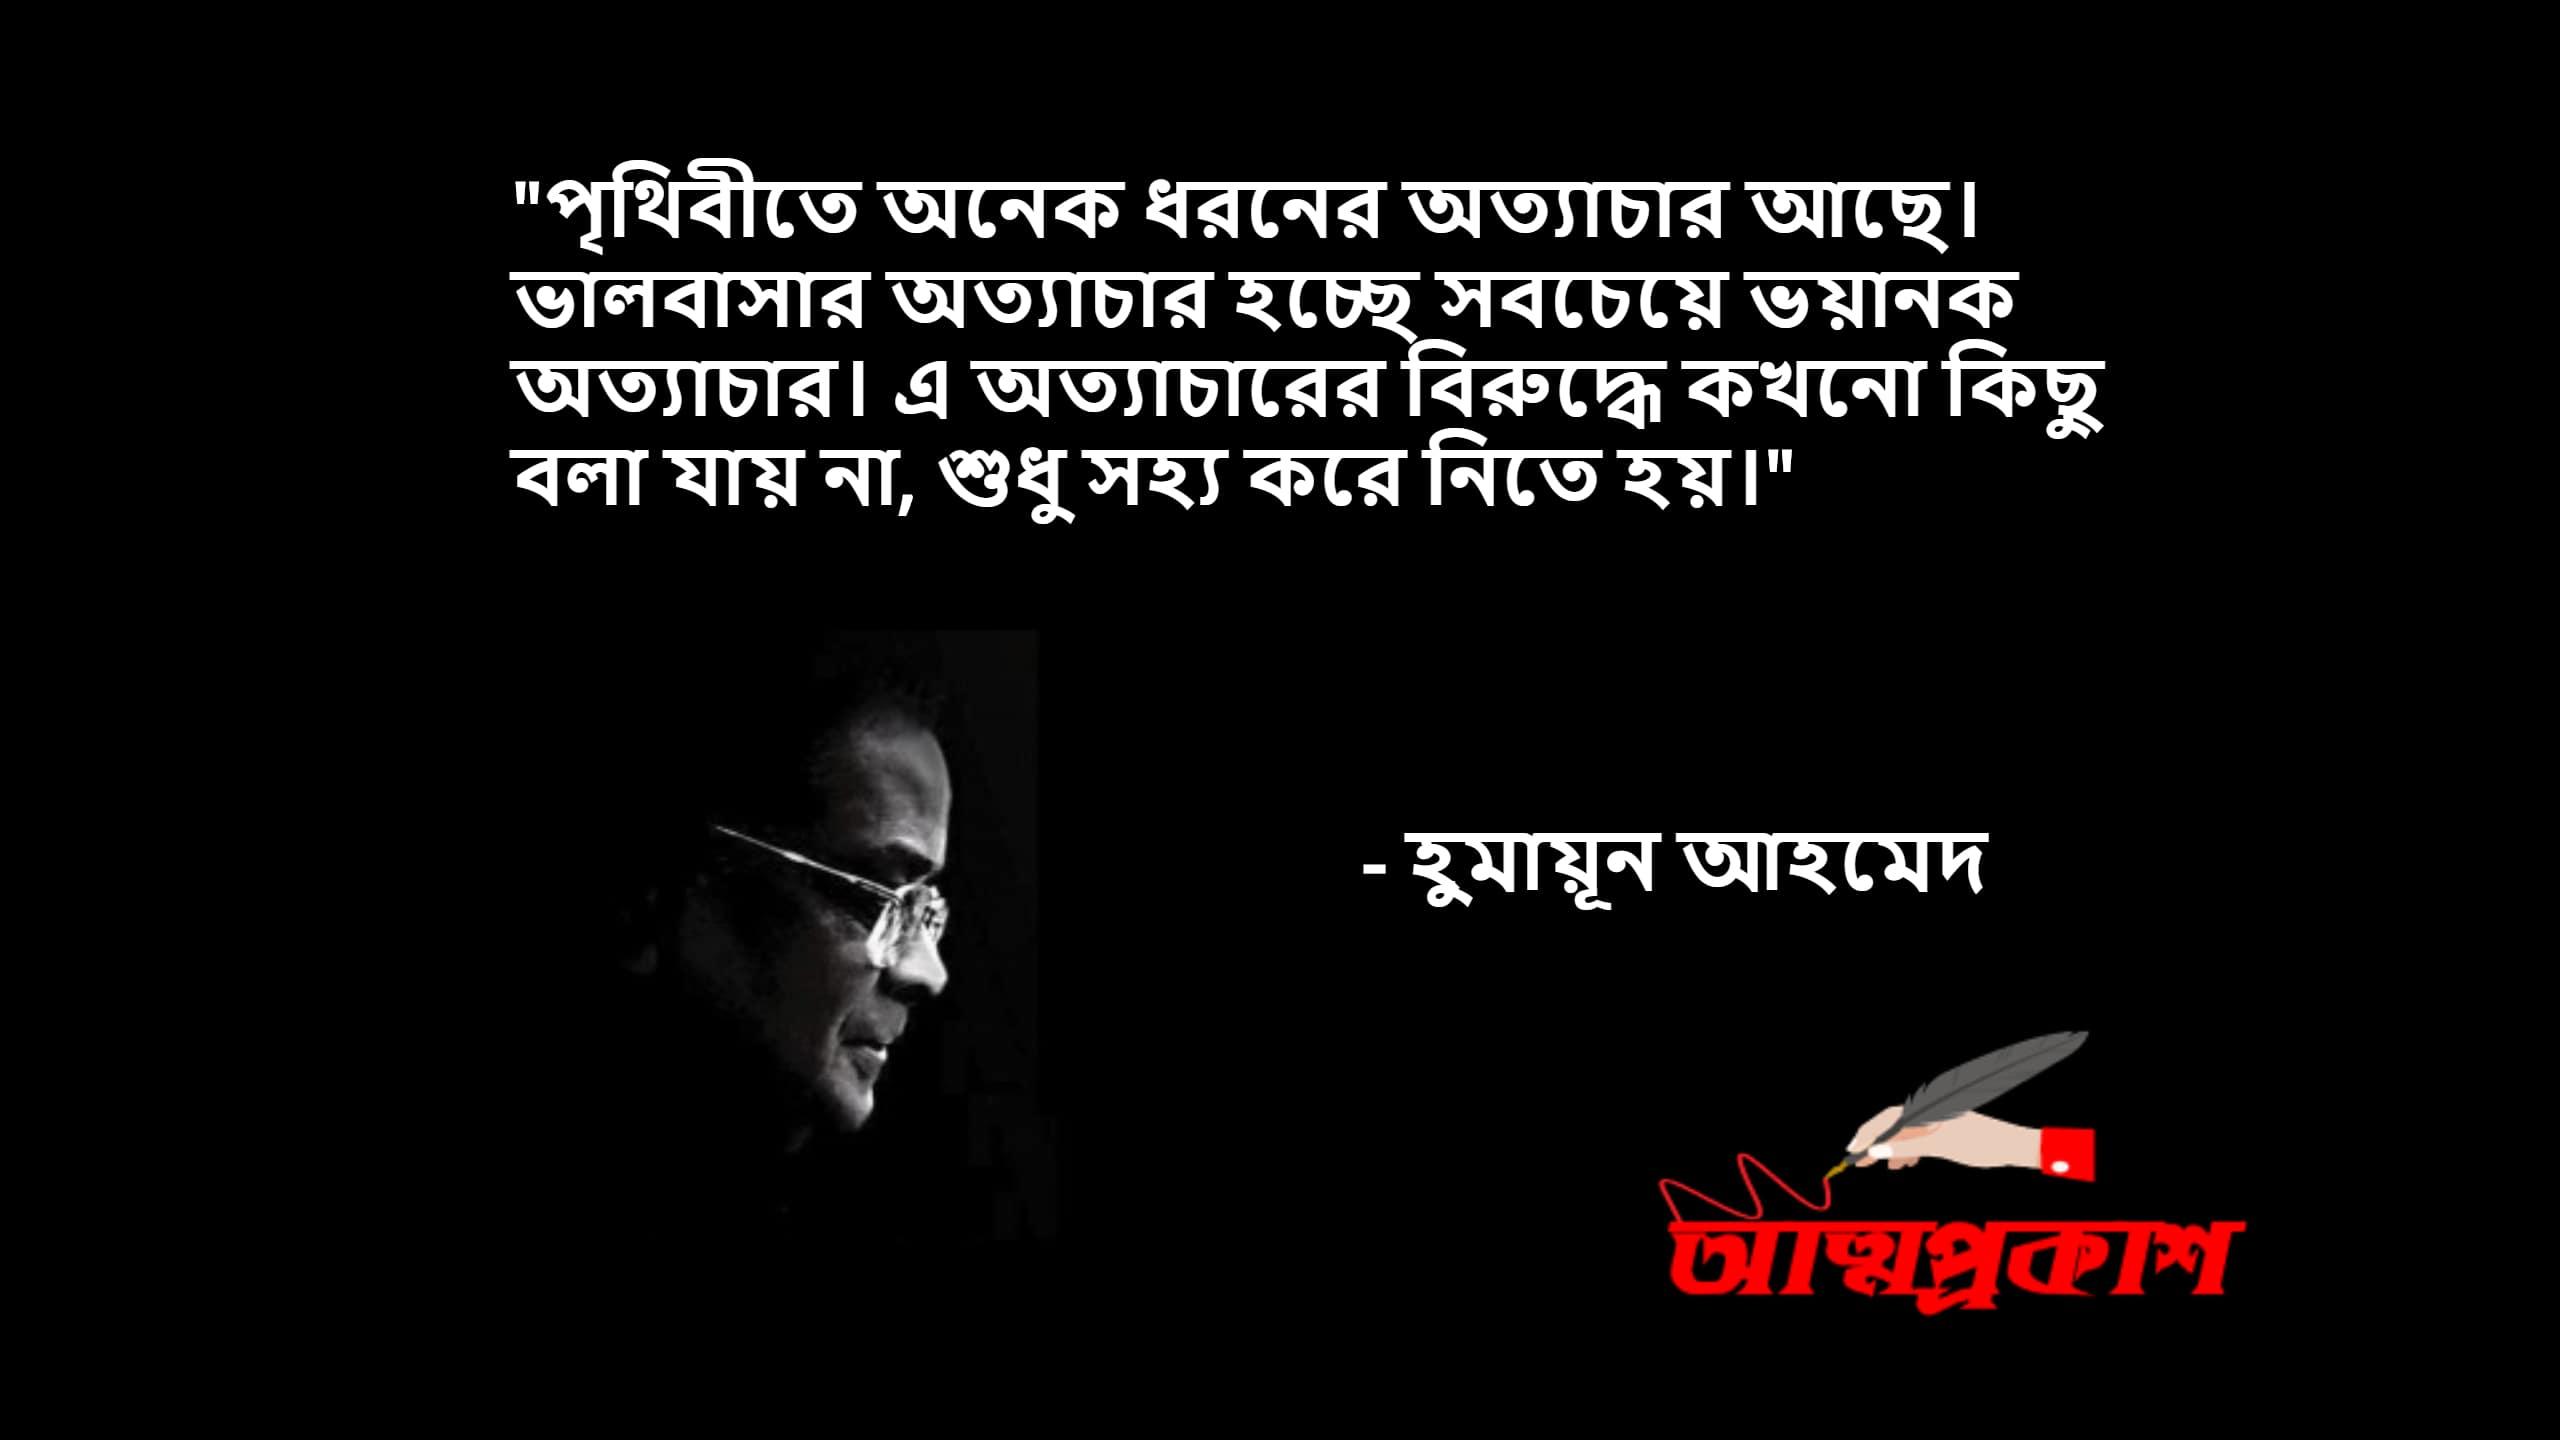 প্রেম-নিয়ে-হুমায়ূন-আহমেদের-উক্তি-humayun-ahmed-quotes-about-love-bangla-bani